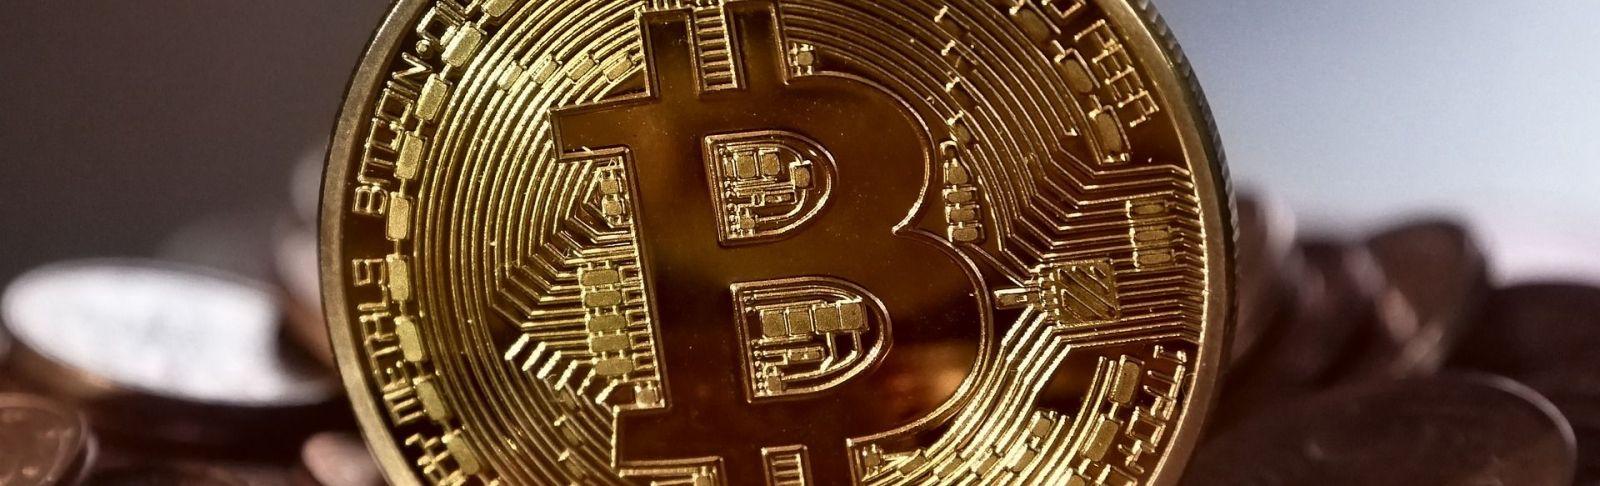 La moneda bitcoin ha sigut el que ha impulsat el reconeixement del 'blockchain'